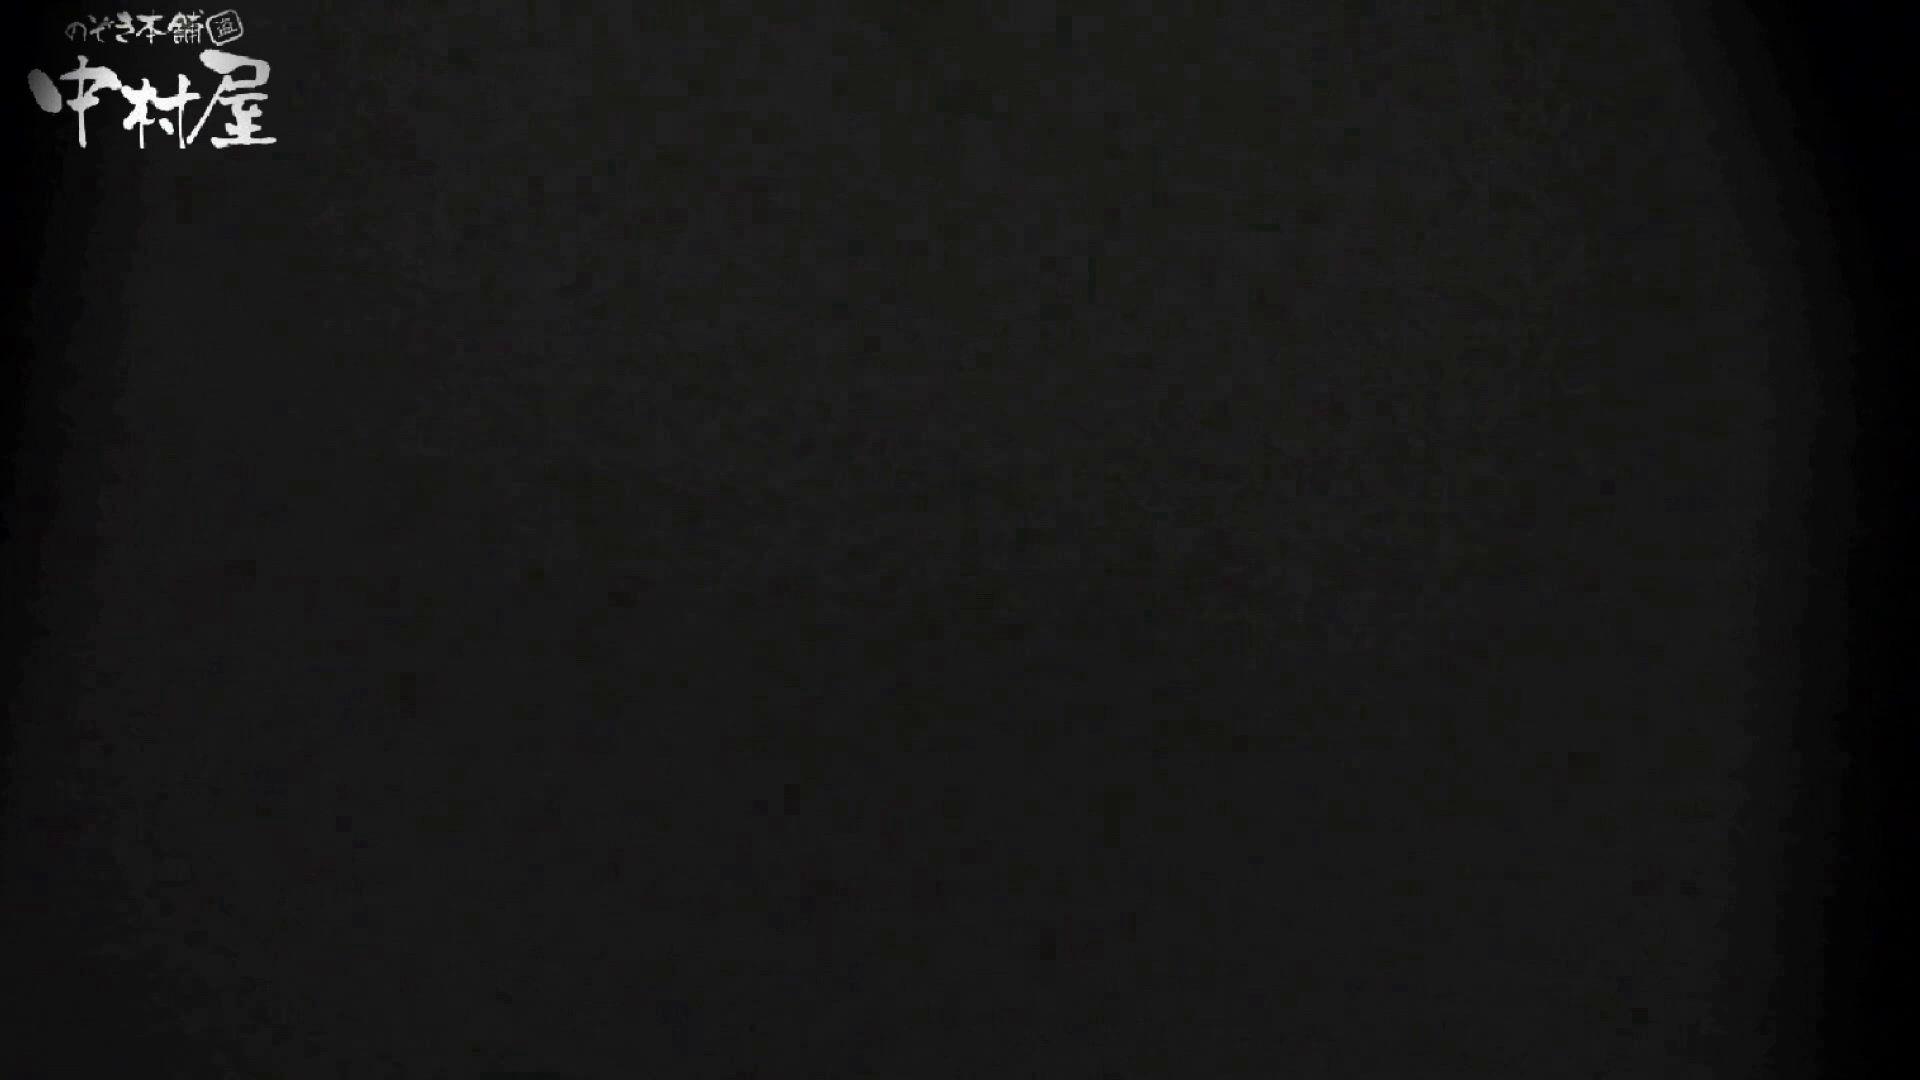 世界の射窓から~ステーション編~vol46 美女のアップが盛りだくさん。後編 OLすけべ画像 | 美女すけべ画像  104連発 11